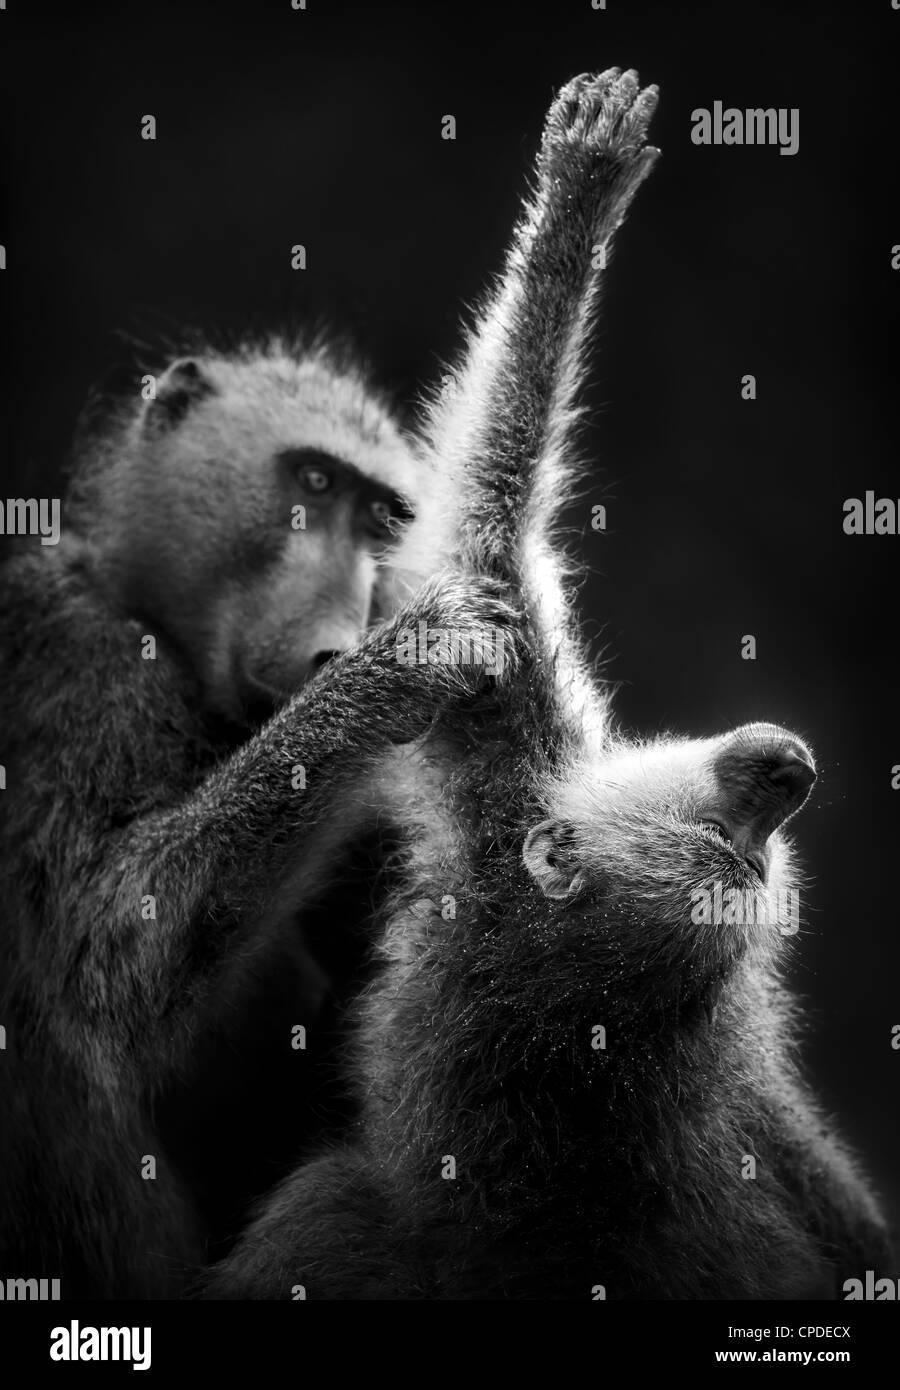 Babuinos grooming (procesamiento artístico) Imagen De Stock